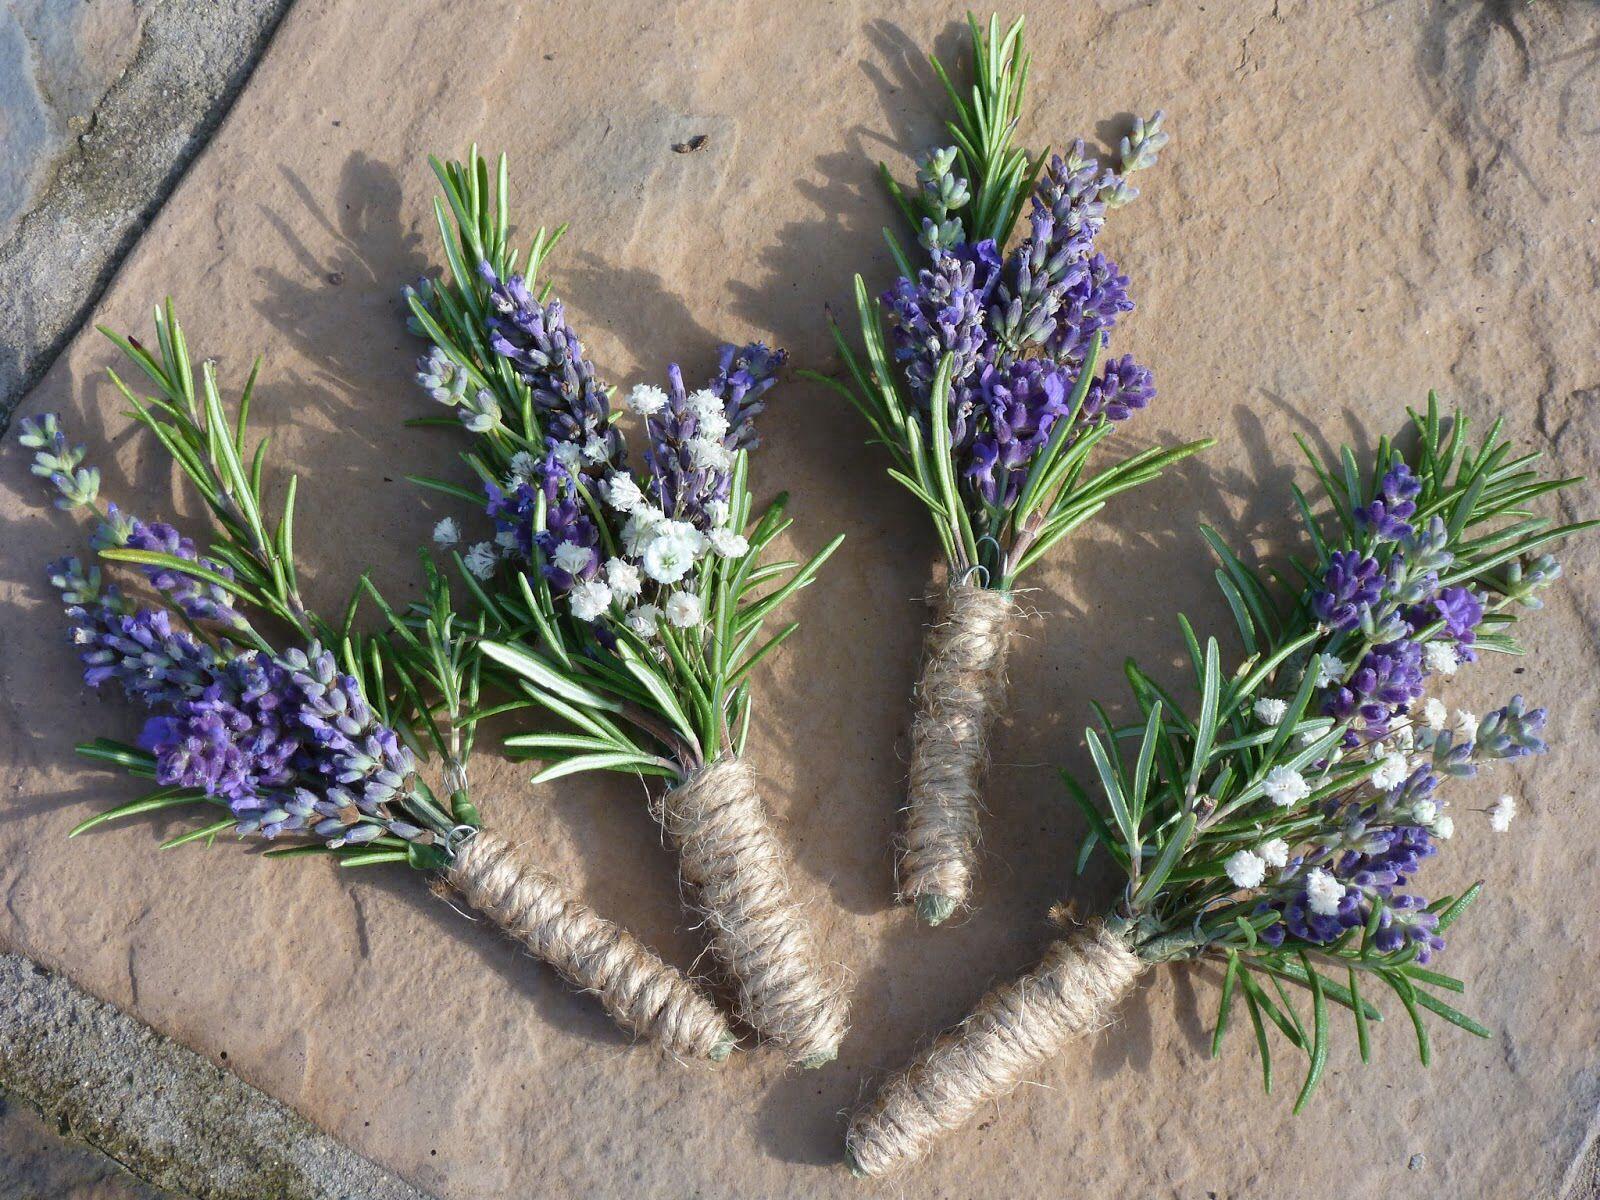 Rosemary for wedding